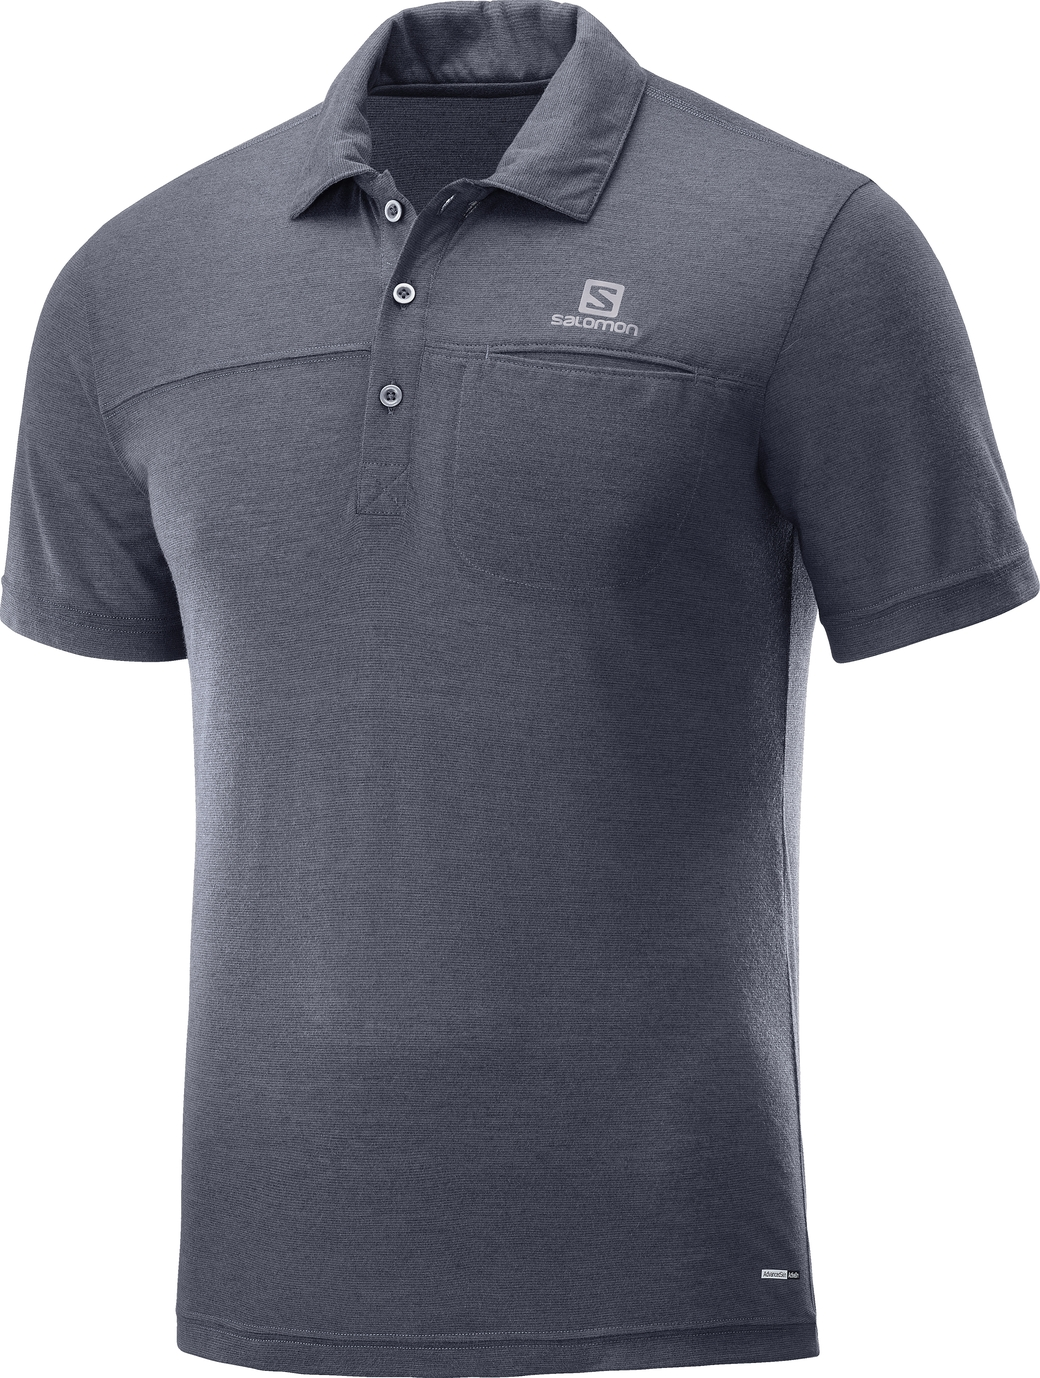 Salomon - Explore - Polo shirt - Men's